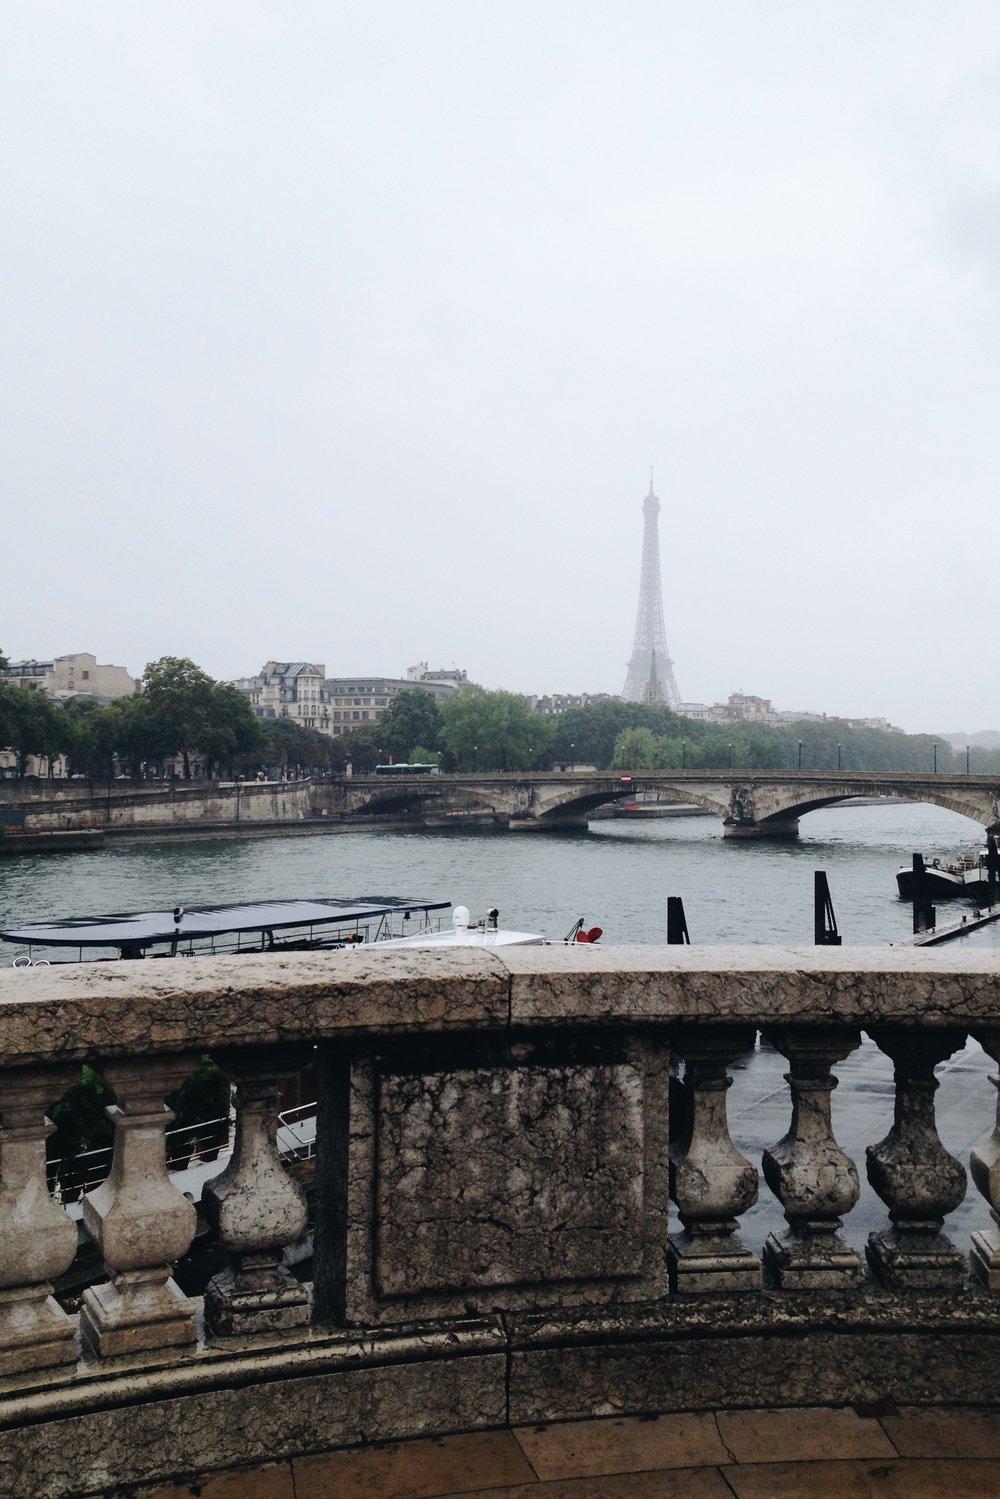 Eiffel Tower from afar